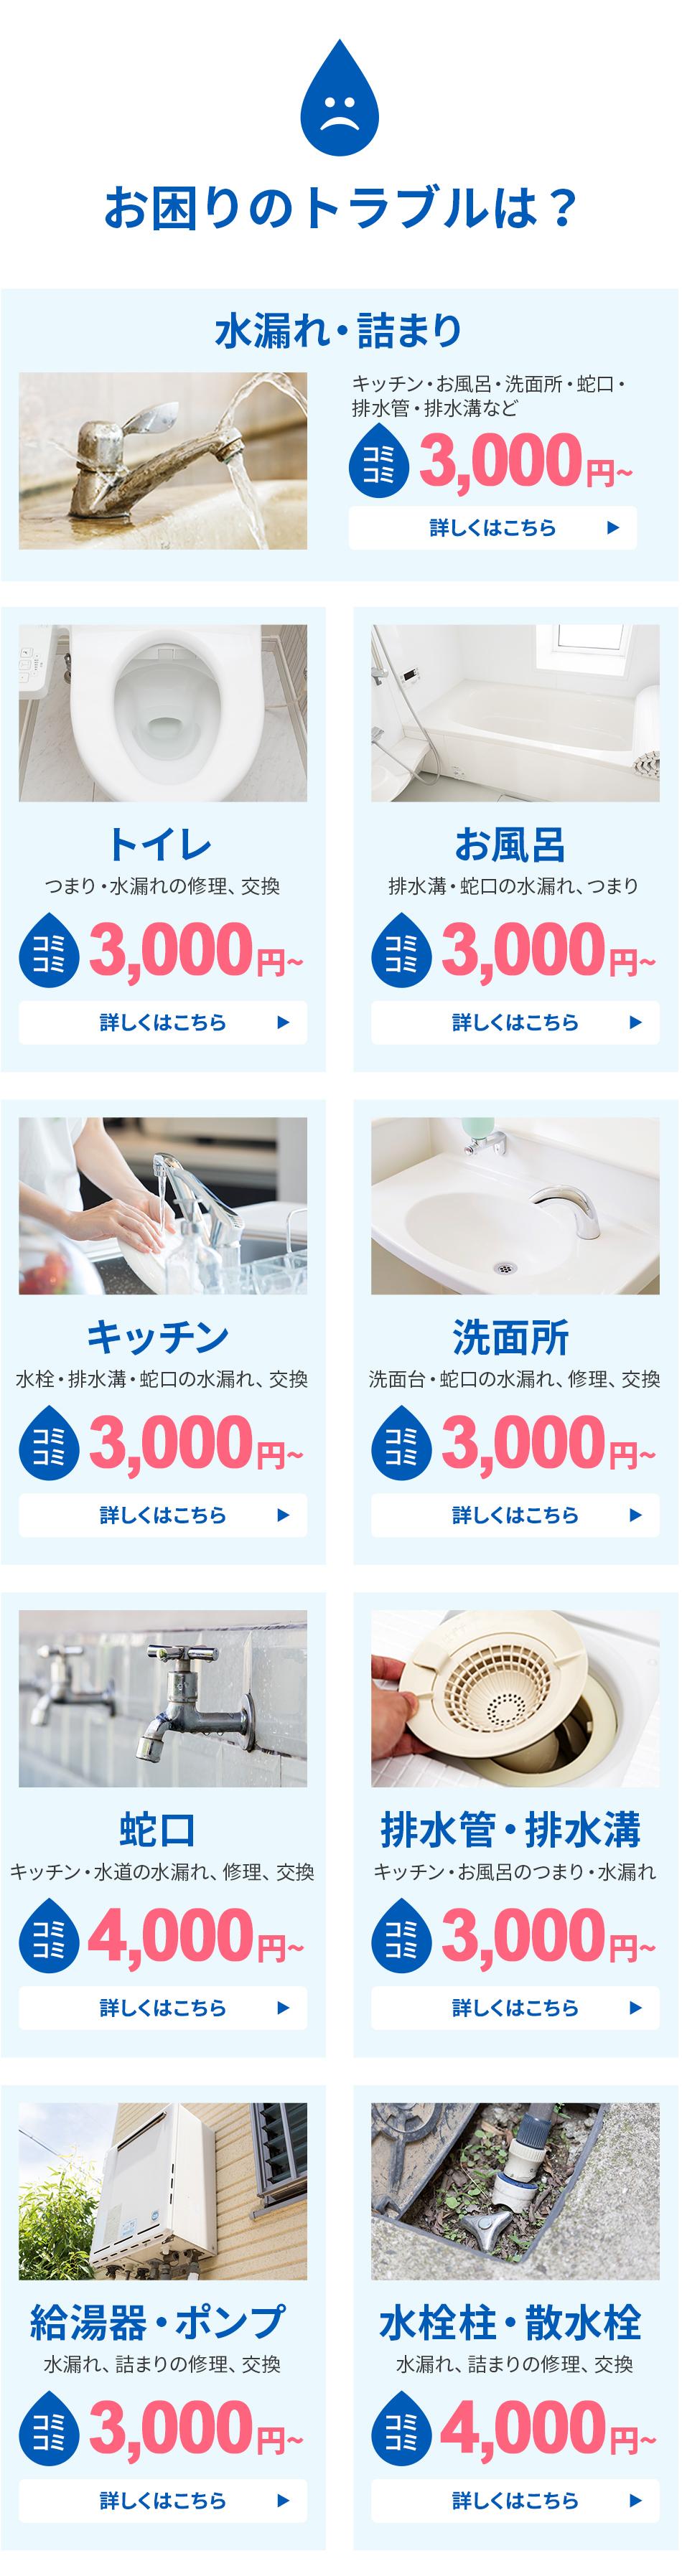 トイレつまり 大阪市